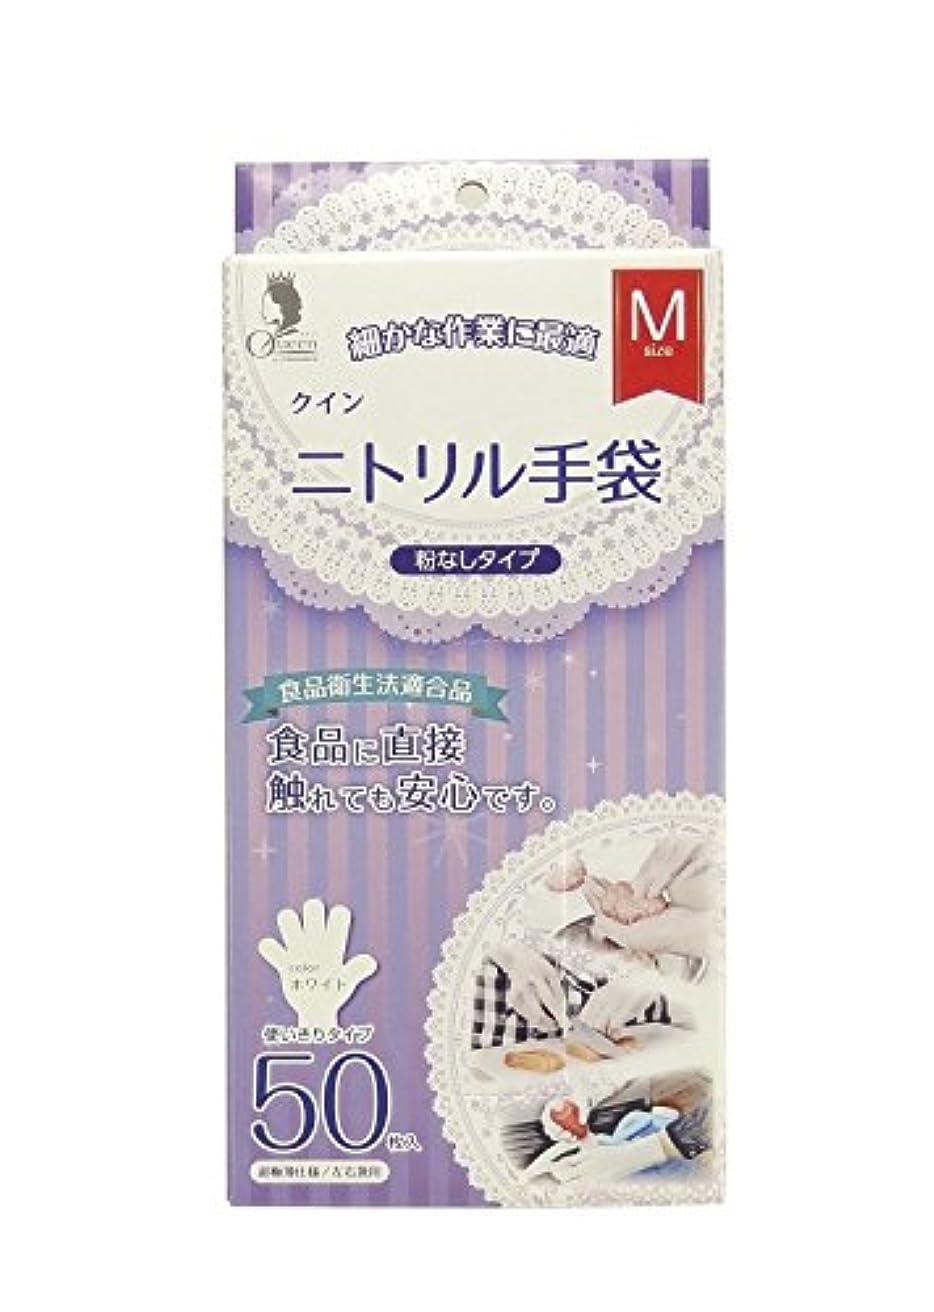 積分感染する寺院宇都宮製作 クイン ニトリル手袋(パウダーフリー) M 50枚